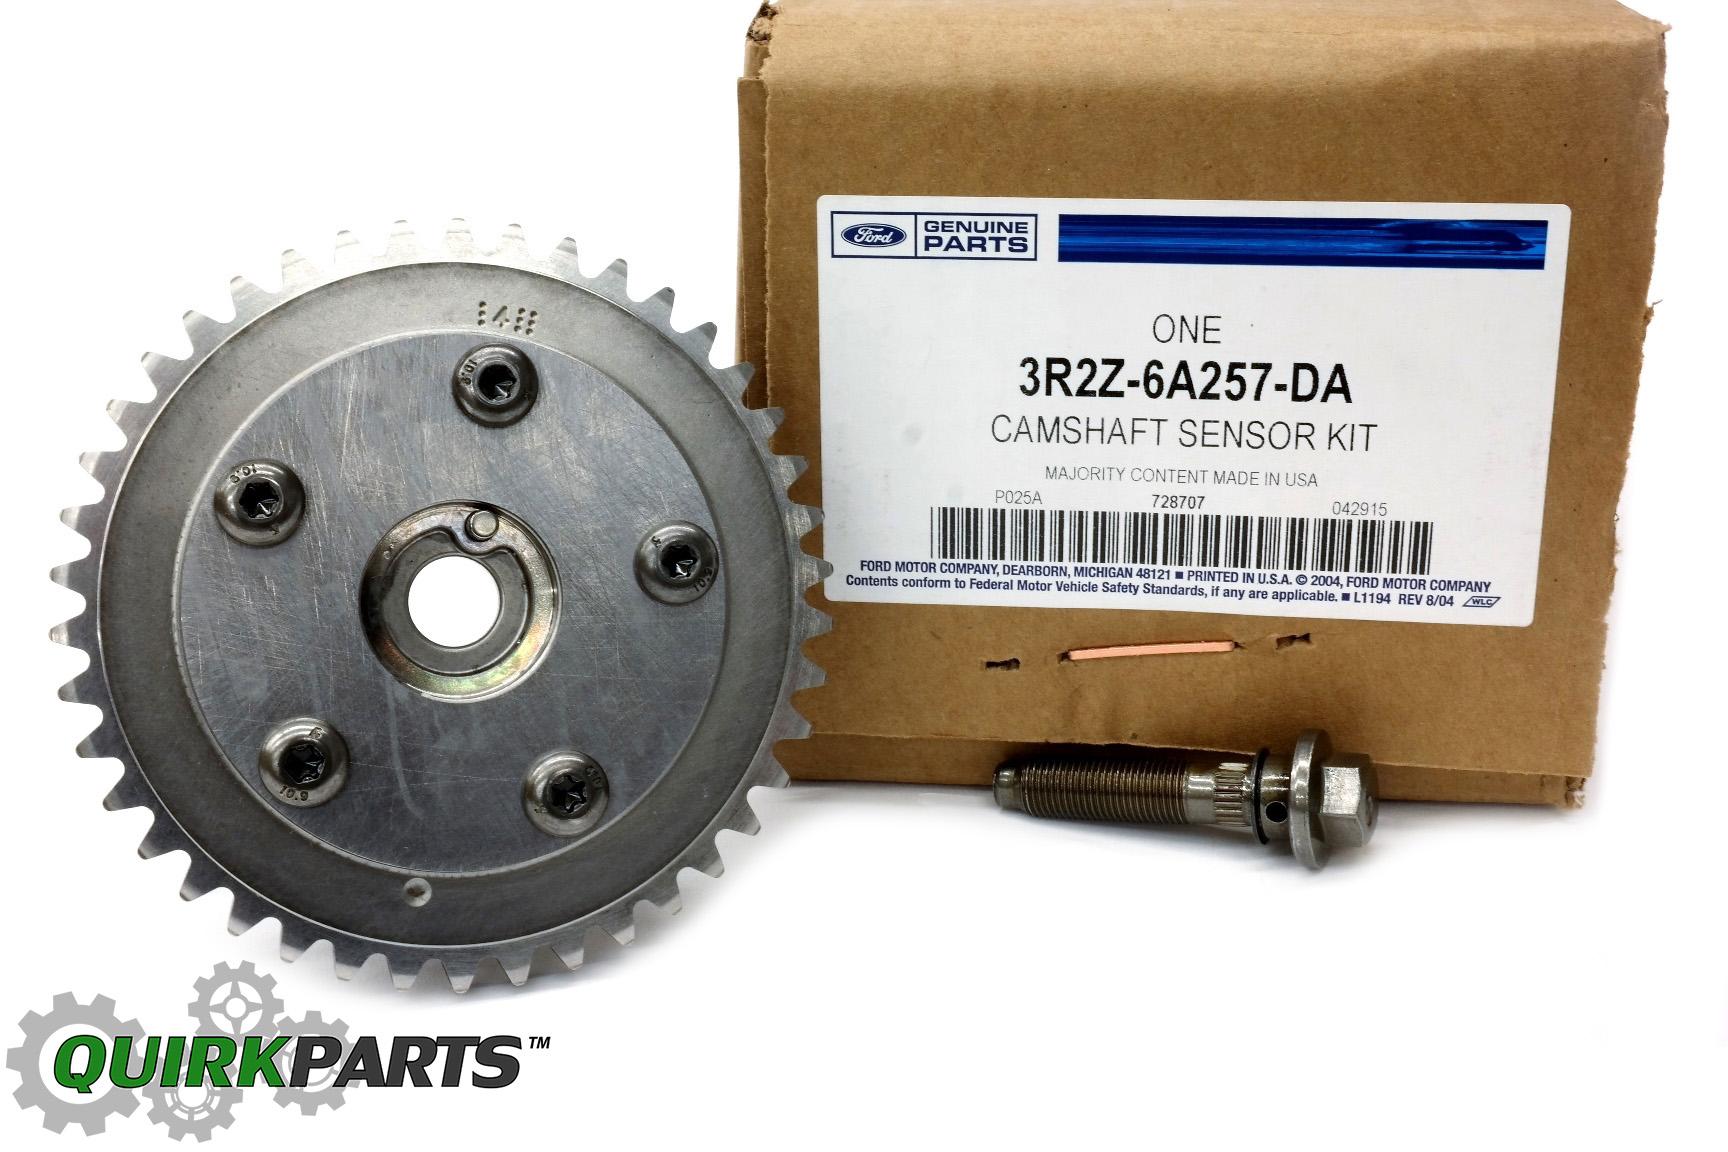 2004 2010 Ford F 150 46l 54l Variable Timing Camshaft Phaser Engine Parts Diagram 5 4l V8 Sensor Kit Oem 3r2z 6a257 Da Quirk